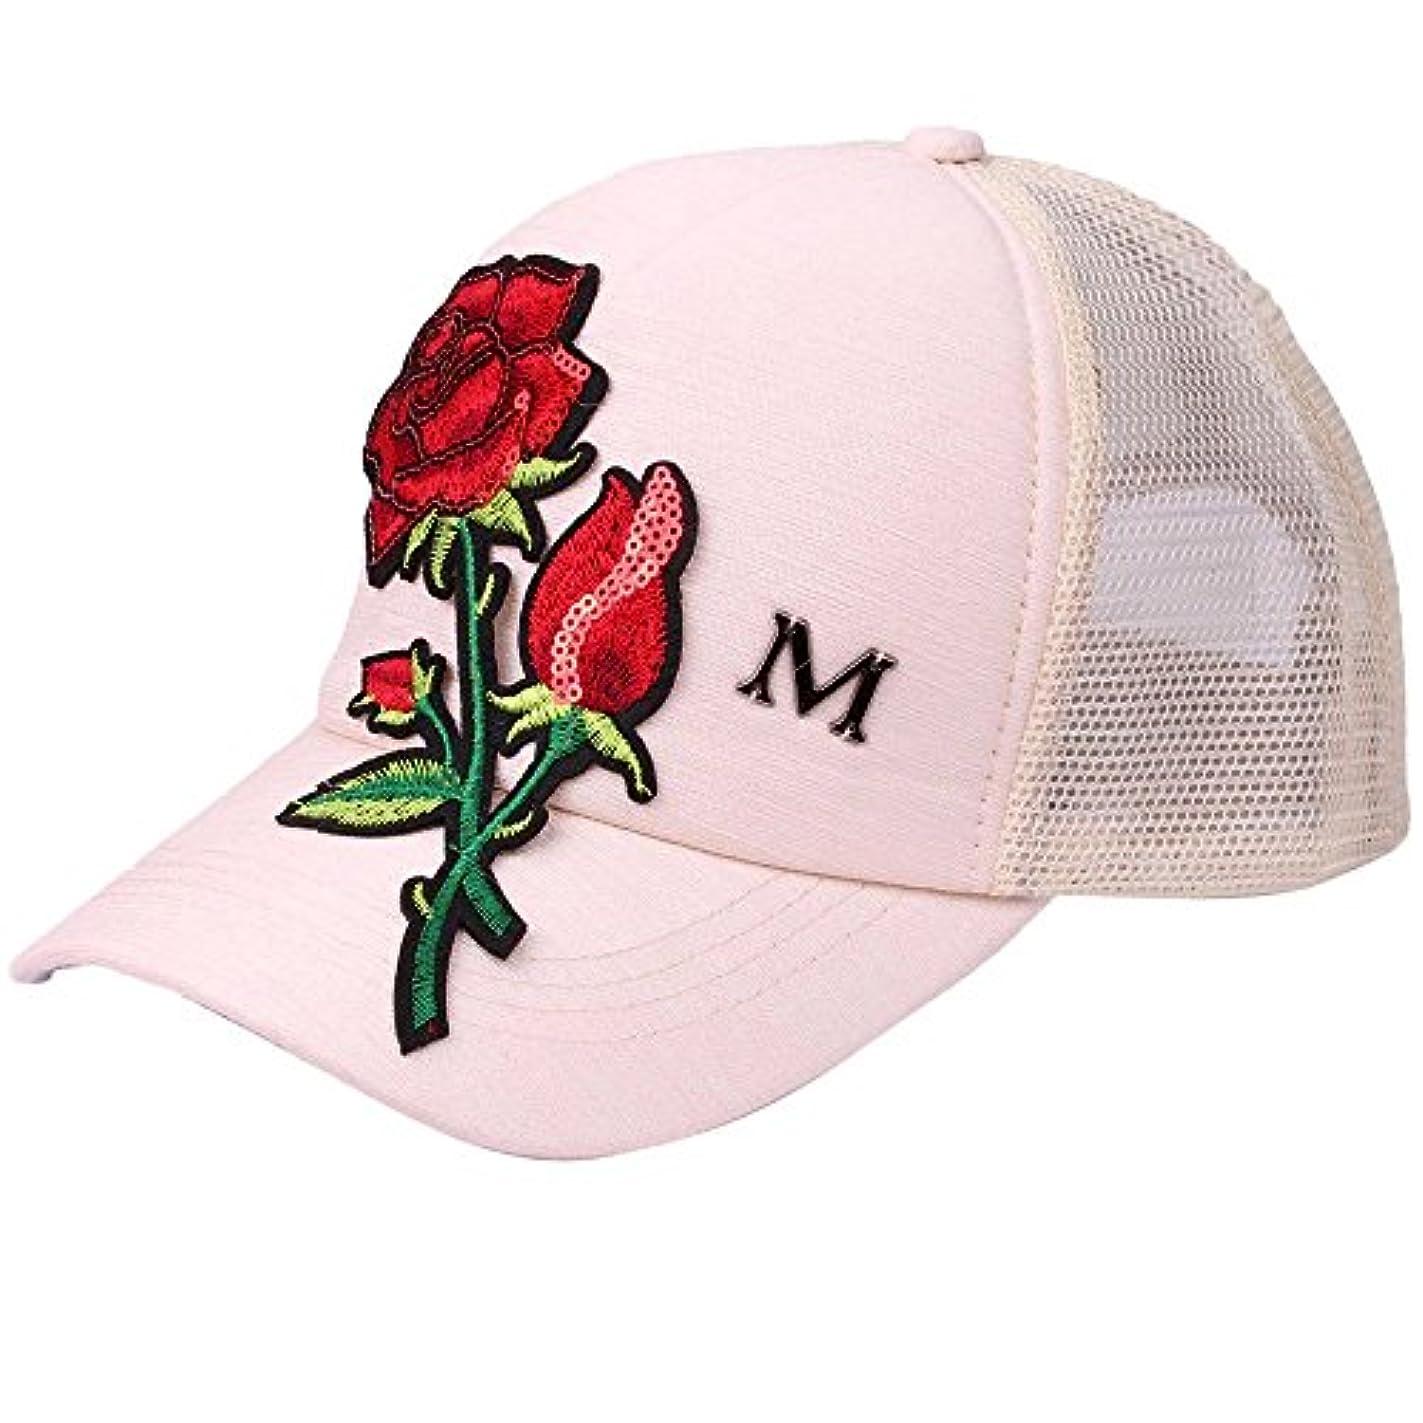 九時四十五分侵入バレエRacazing Cap ローズ 刺繍 ヒップホップ 野球帽 通気性のある 帽子 夏 登山 メッシュ 可調整可能 棒球帽 UV 帽子 軽量 屋外 Unisex Hat (ベージュ)